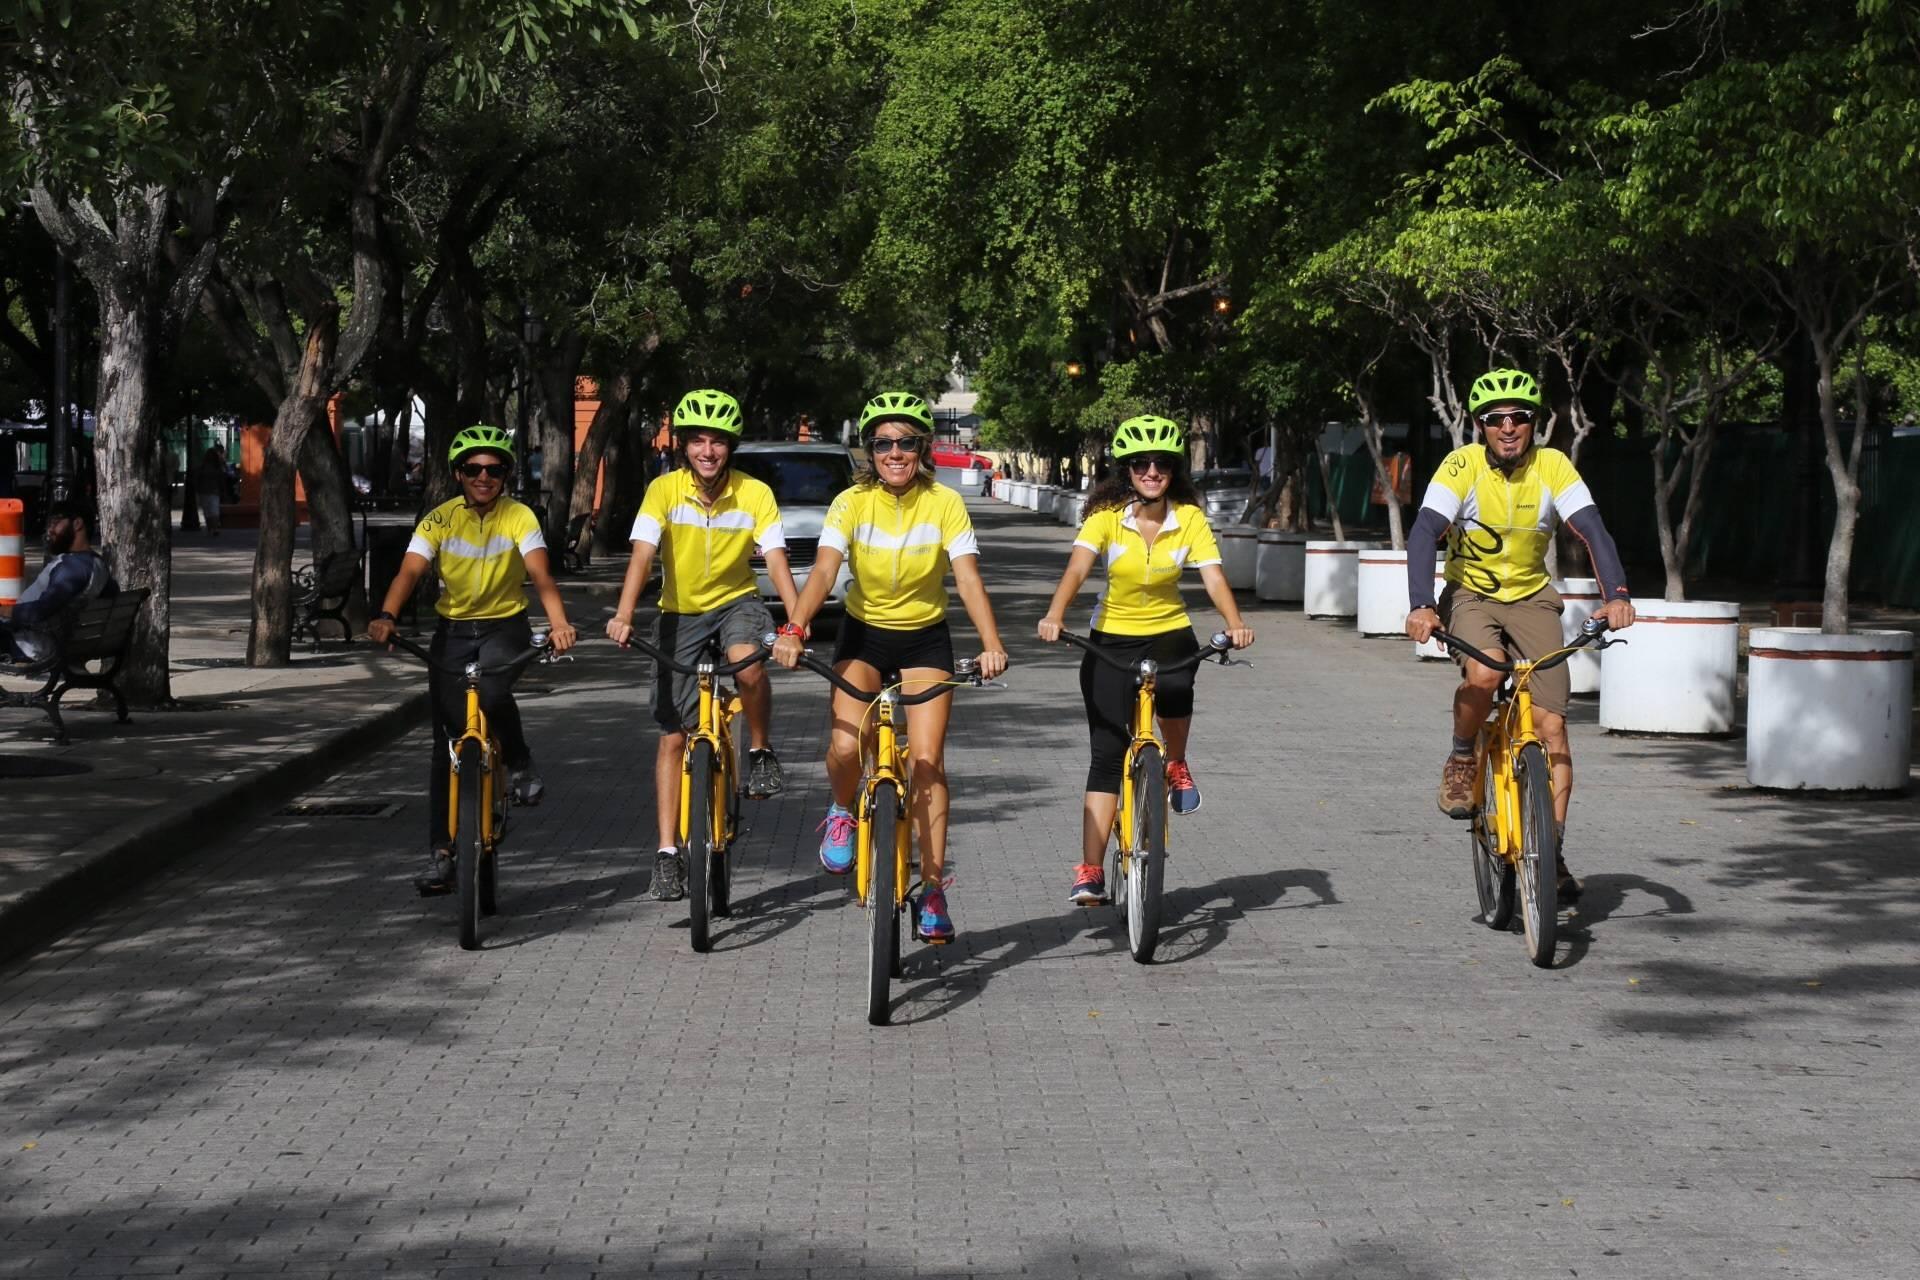 ciclismocertificacionturismo02ins867314425-c8ab87f75b13d0b739145a8691adafca.jpg